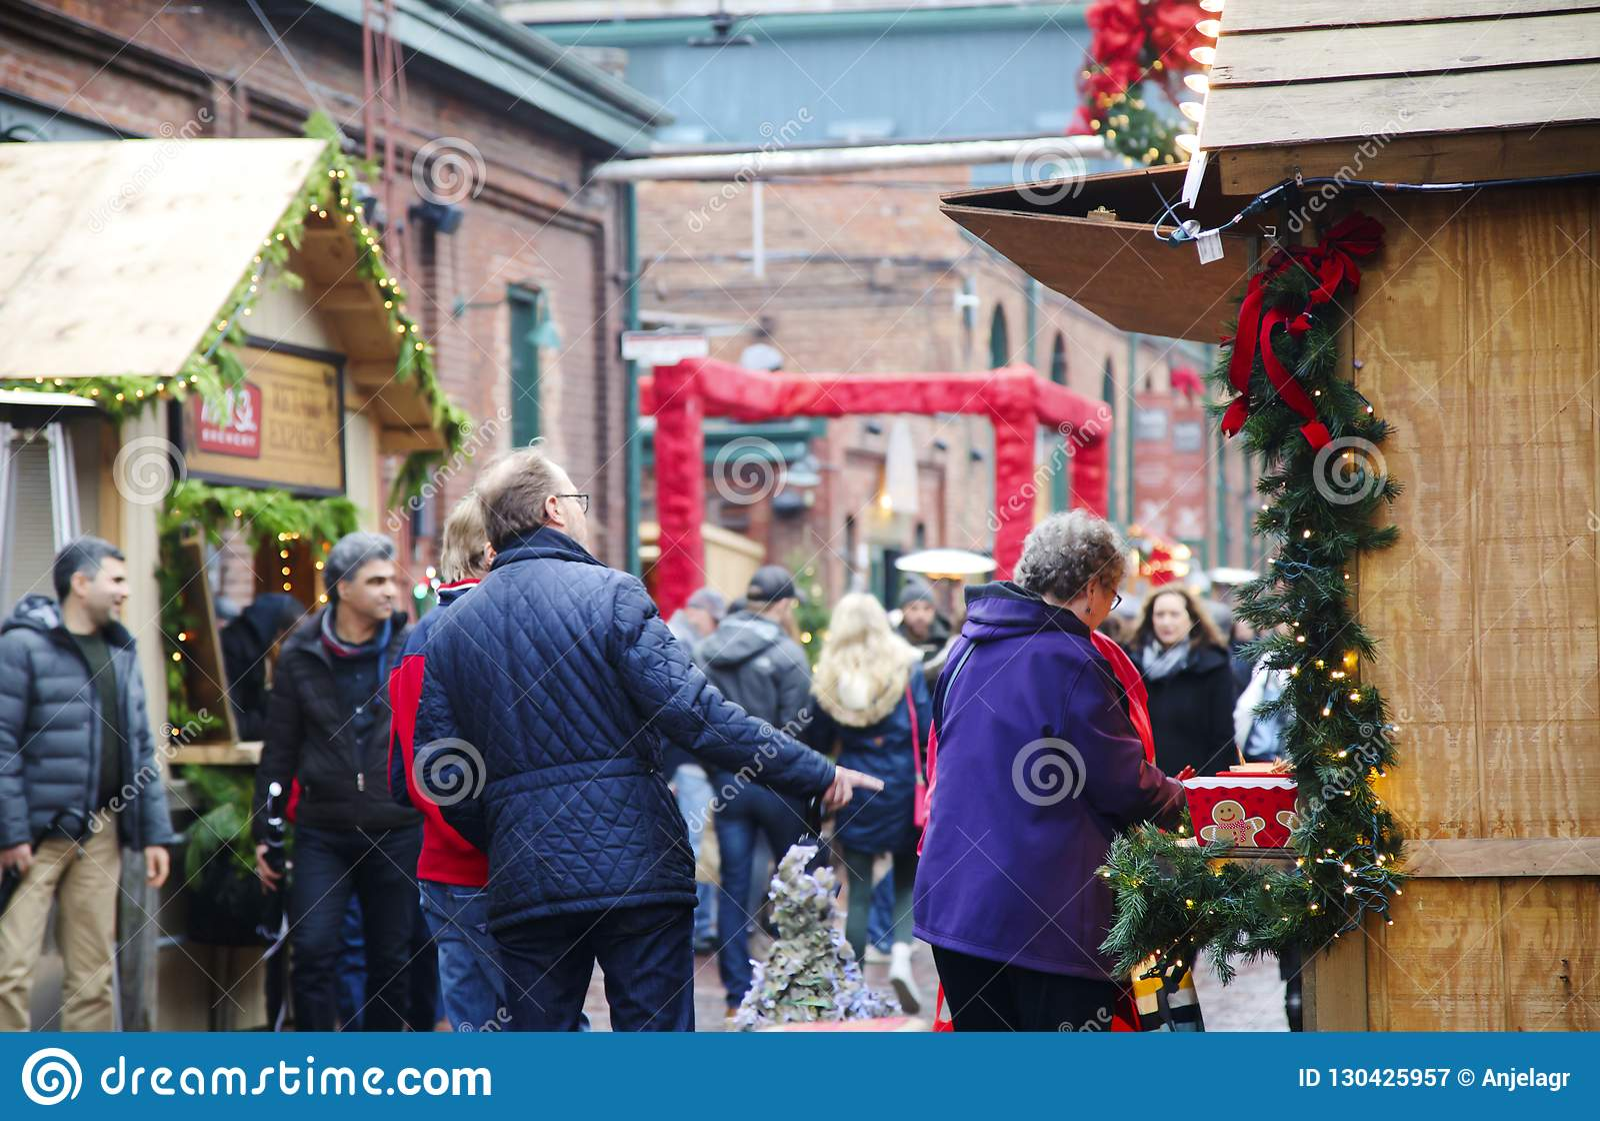 ΤΟΡΟΝΤΟ, ΚΑΝΑΔΑΣ - 18 ΝΟΕΜΒΡΊΟΥ 2017: Οι άνθρωποι επισκέπτονται την αγορά Χριστουγέννων στην ιστορική περιοχή οινοπνευματοποιιών,